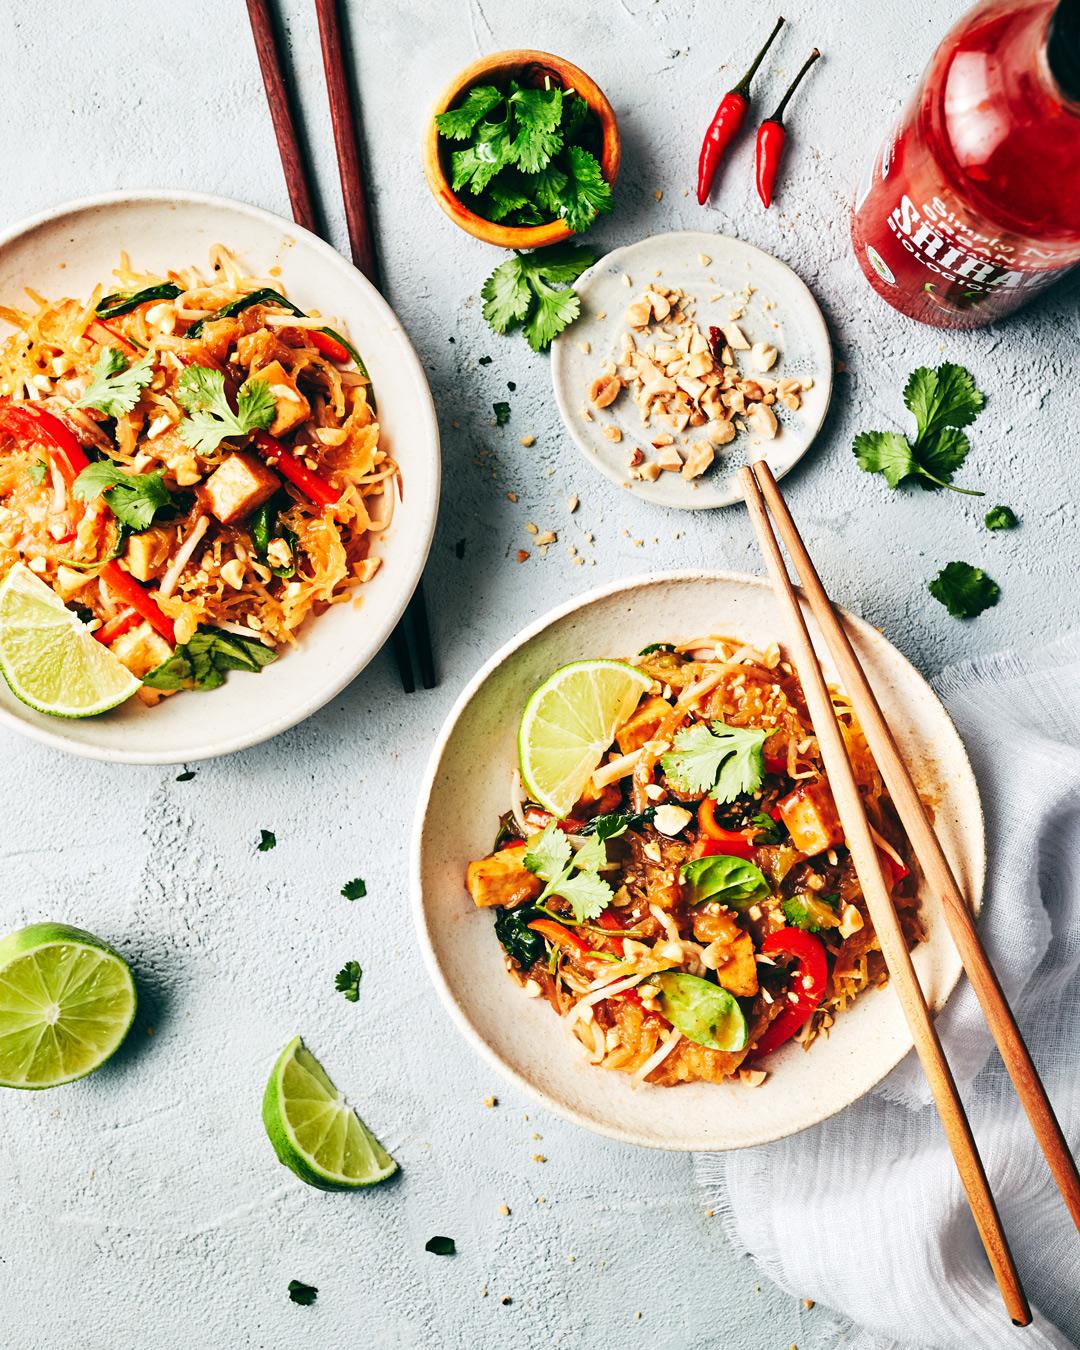 Spaghetti-Squash-Pad-Thai-Evergreen-Kitchen-1.jpg